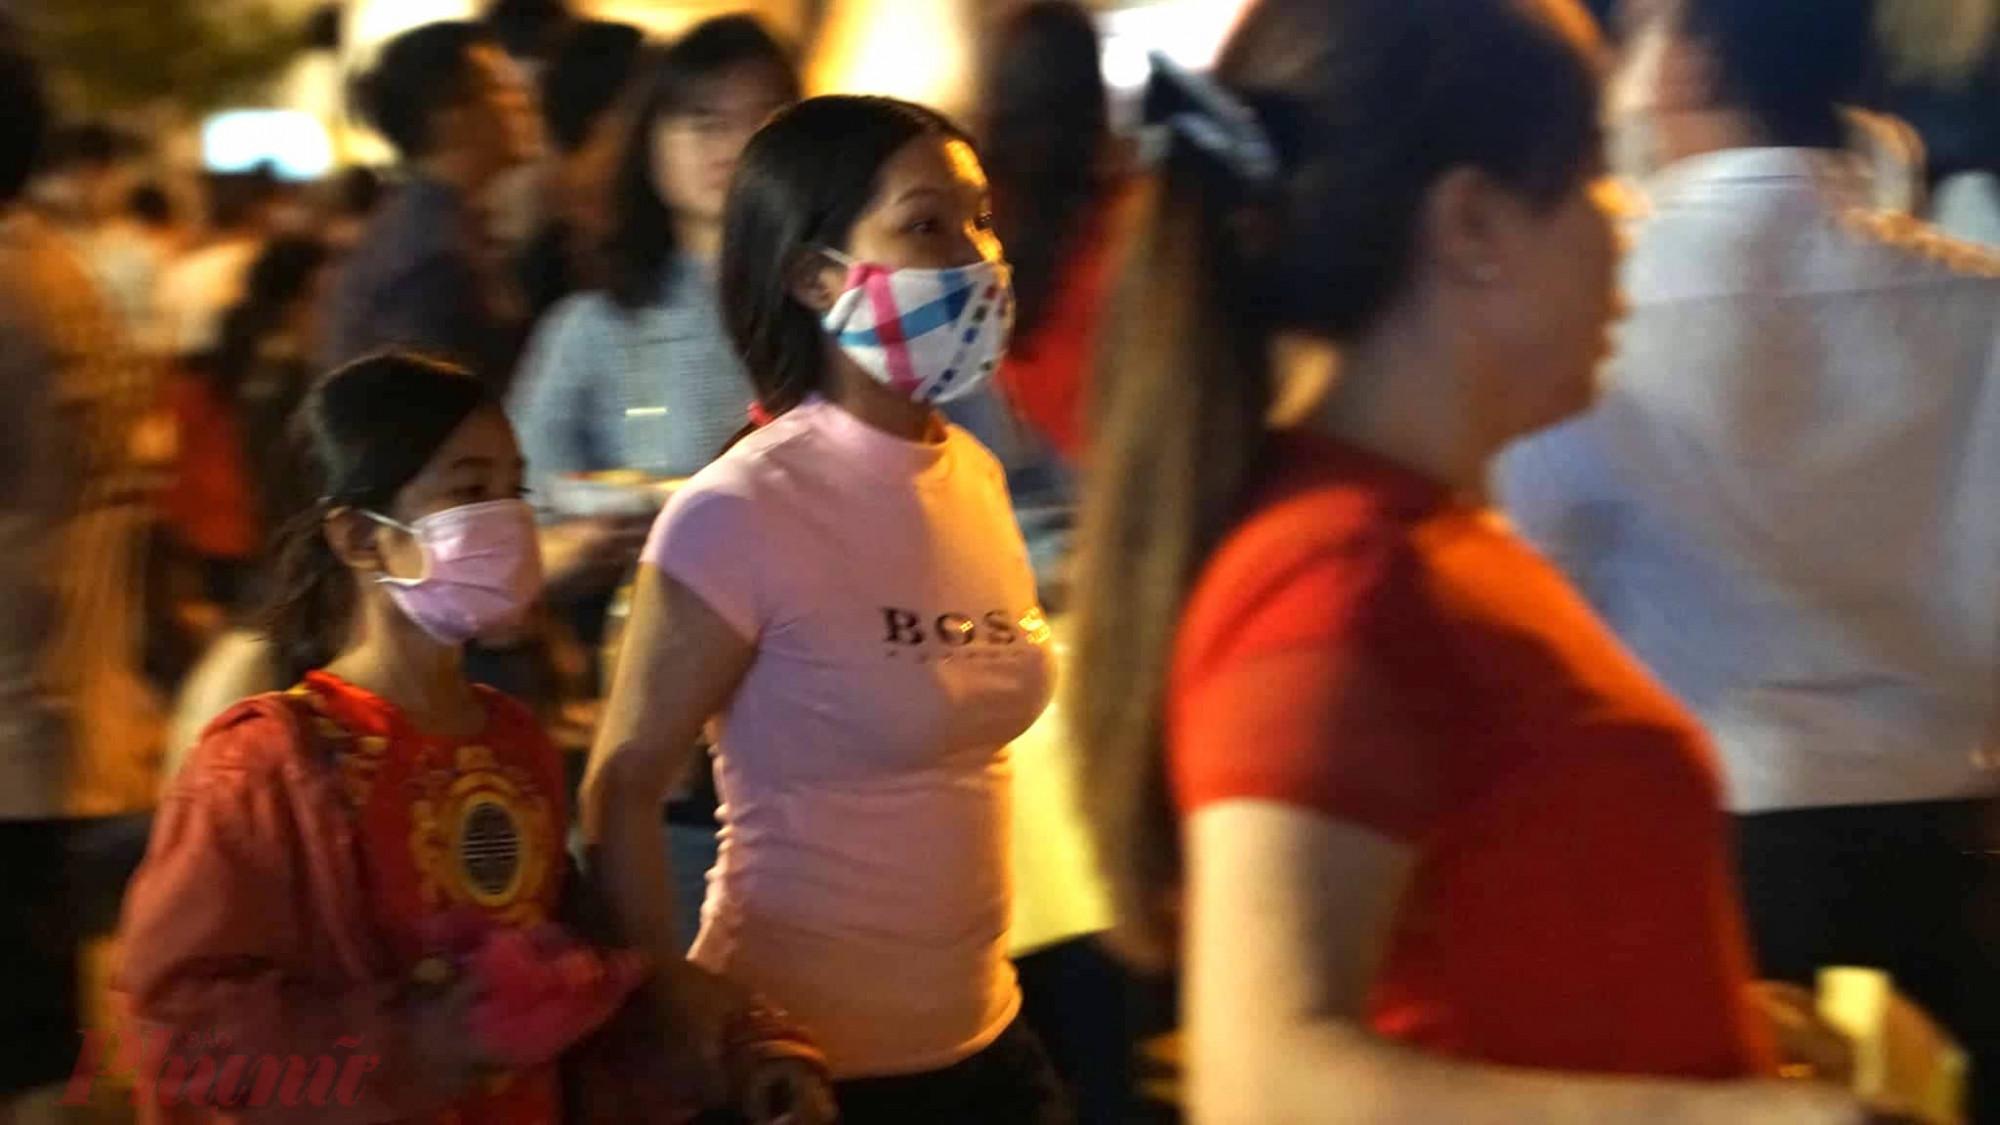 Xuống phố đêm giao thừa, chờ đón pháo hoa, nhiều người vẫn không quên đeo khẩu trang theo khuyến cáo của Bộ Y tế